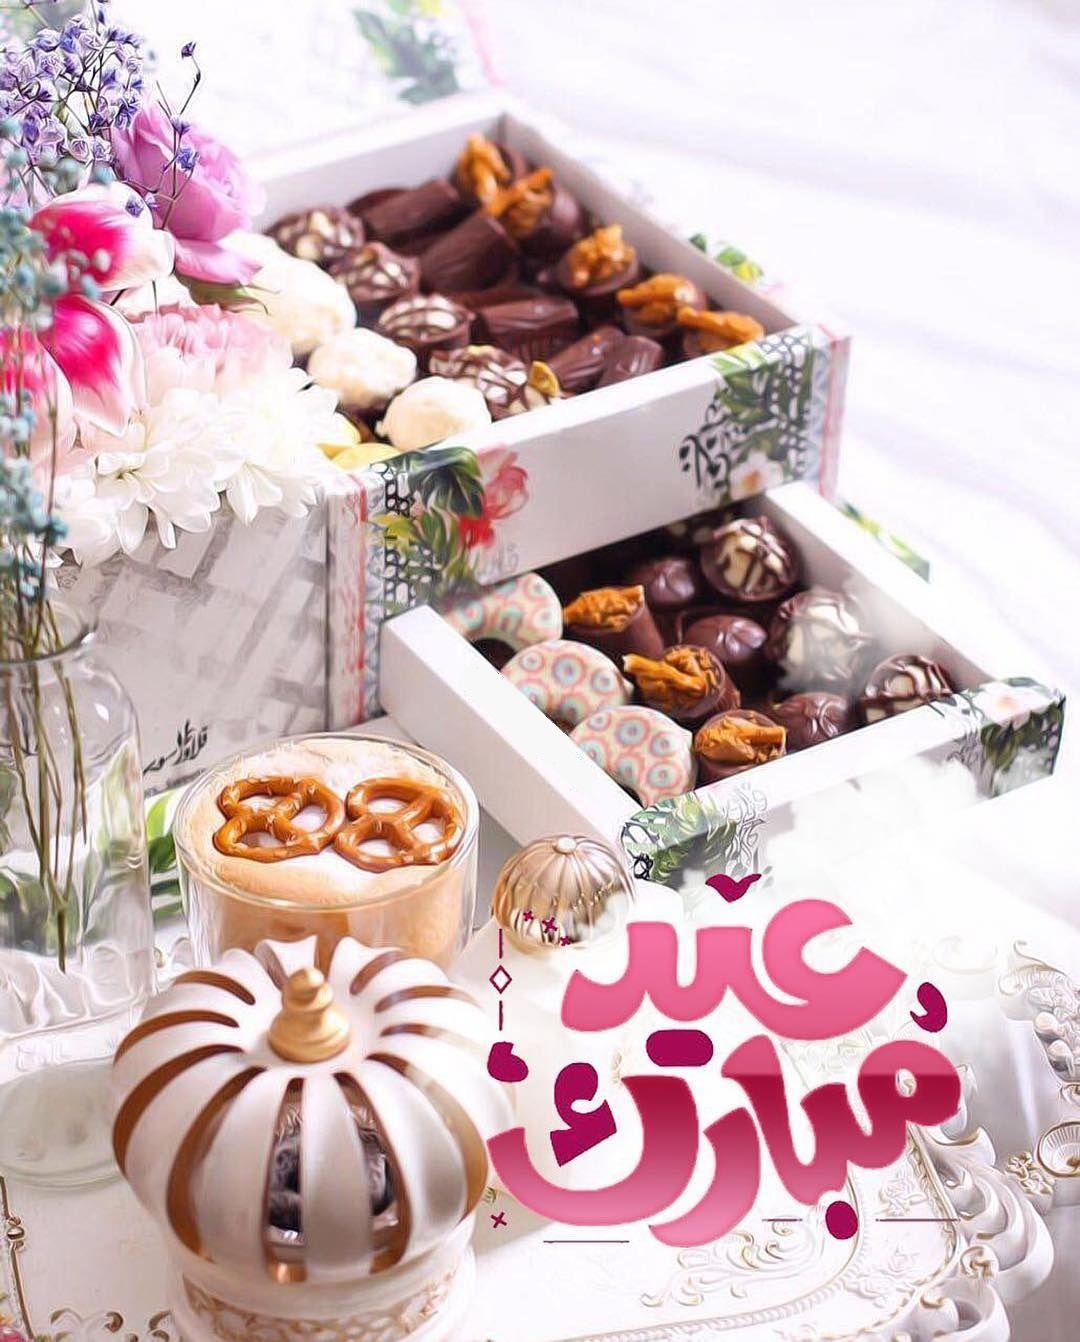 Eid Ul Adha Mabruk Soha Sharveen Sheikh Eid Greetings Eid Cupcakes Eid Mubarak Wishes